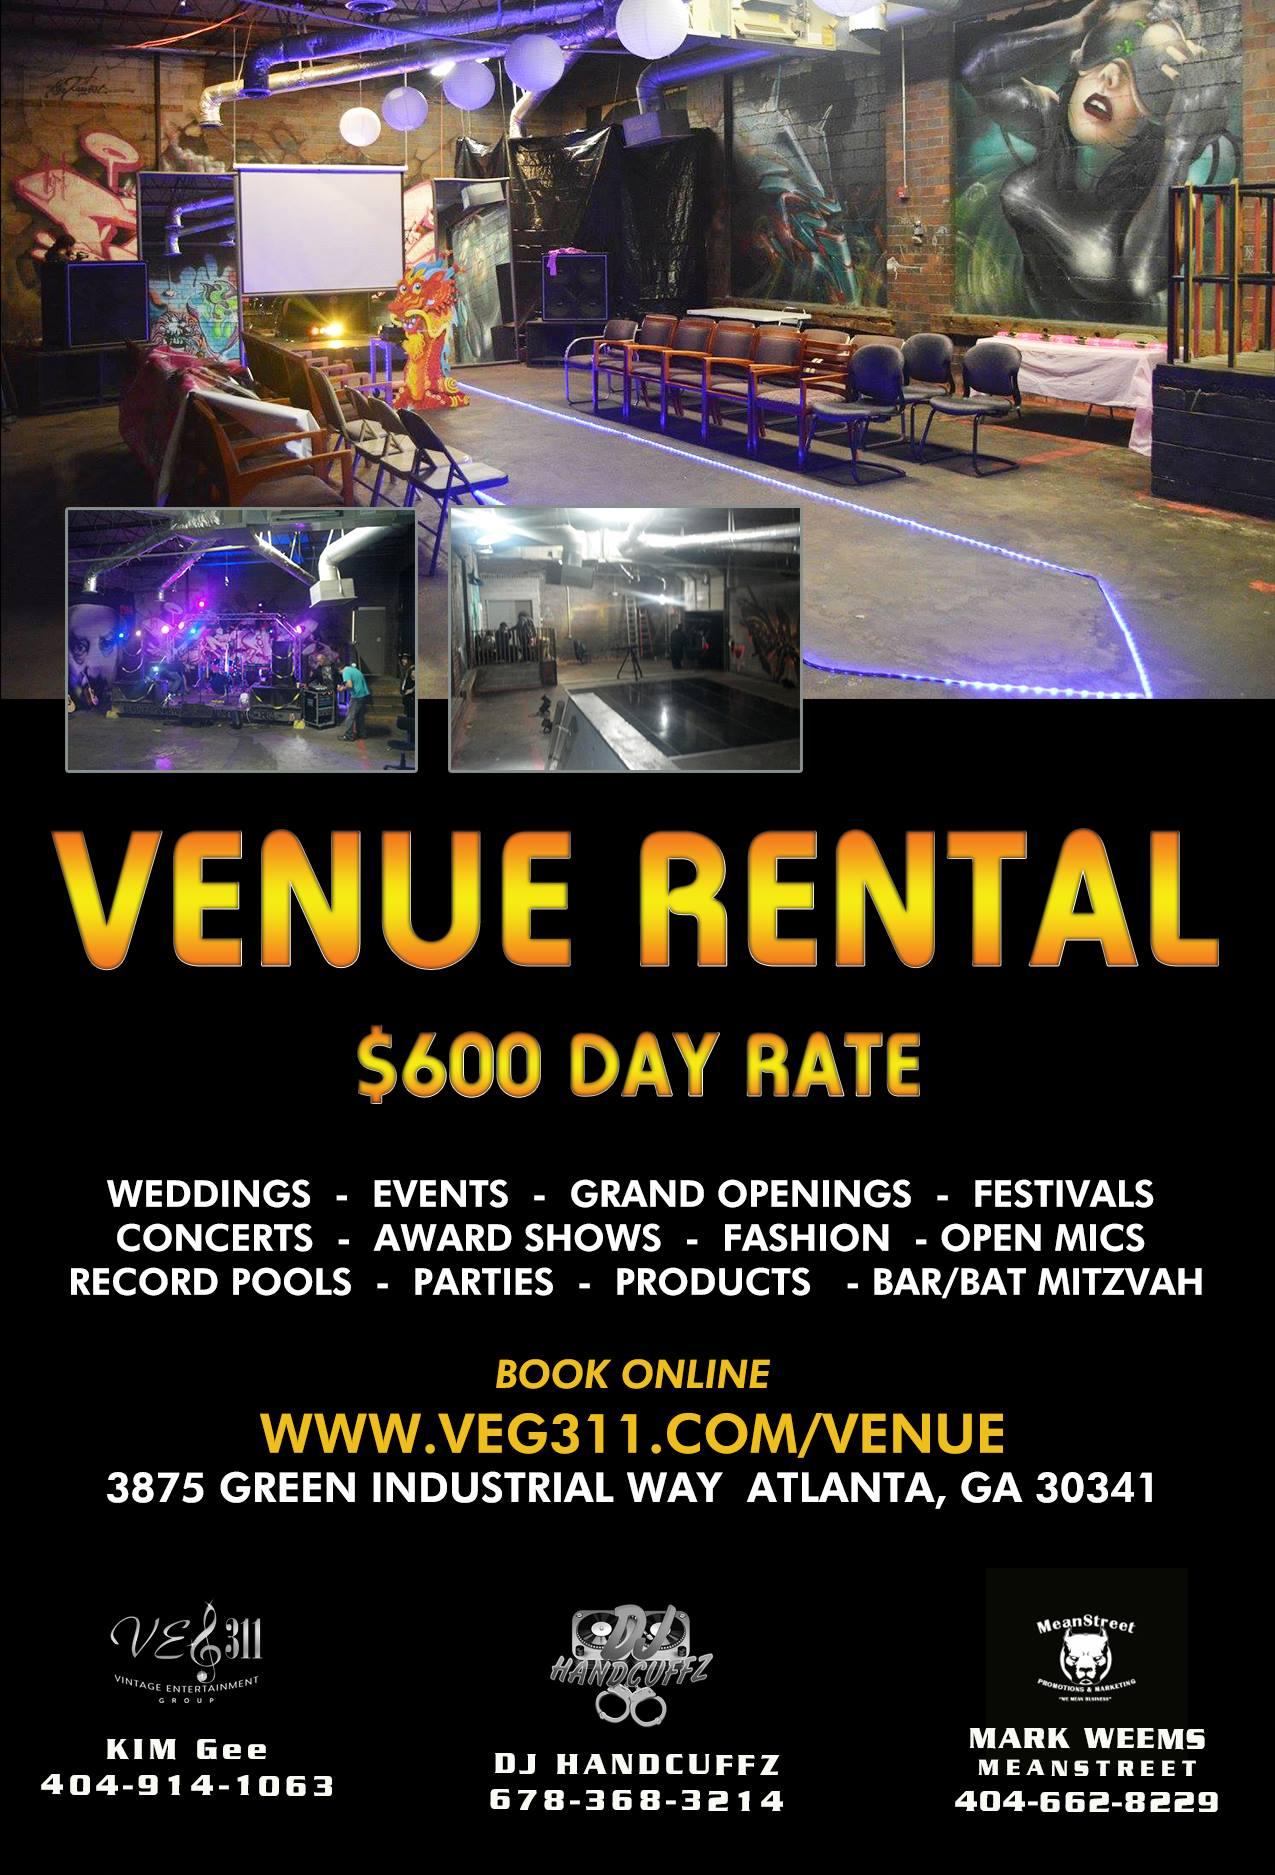 Atlanta Rent Venue